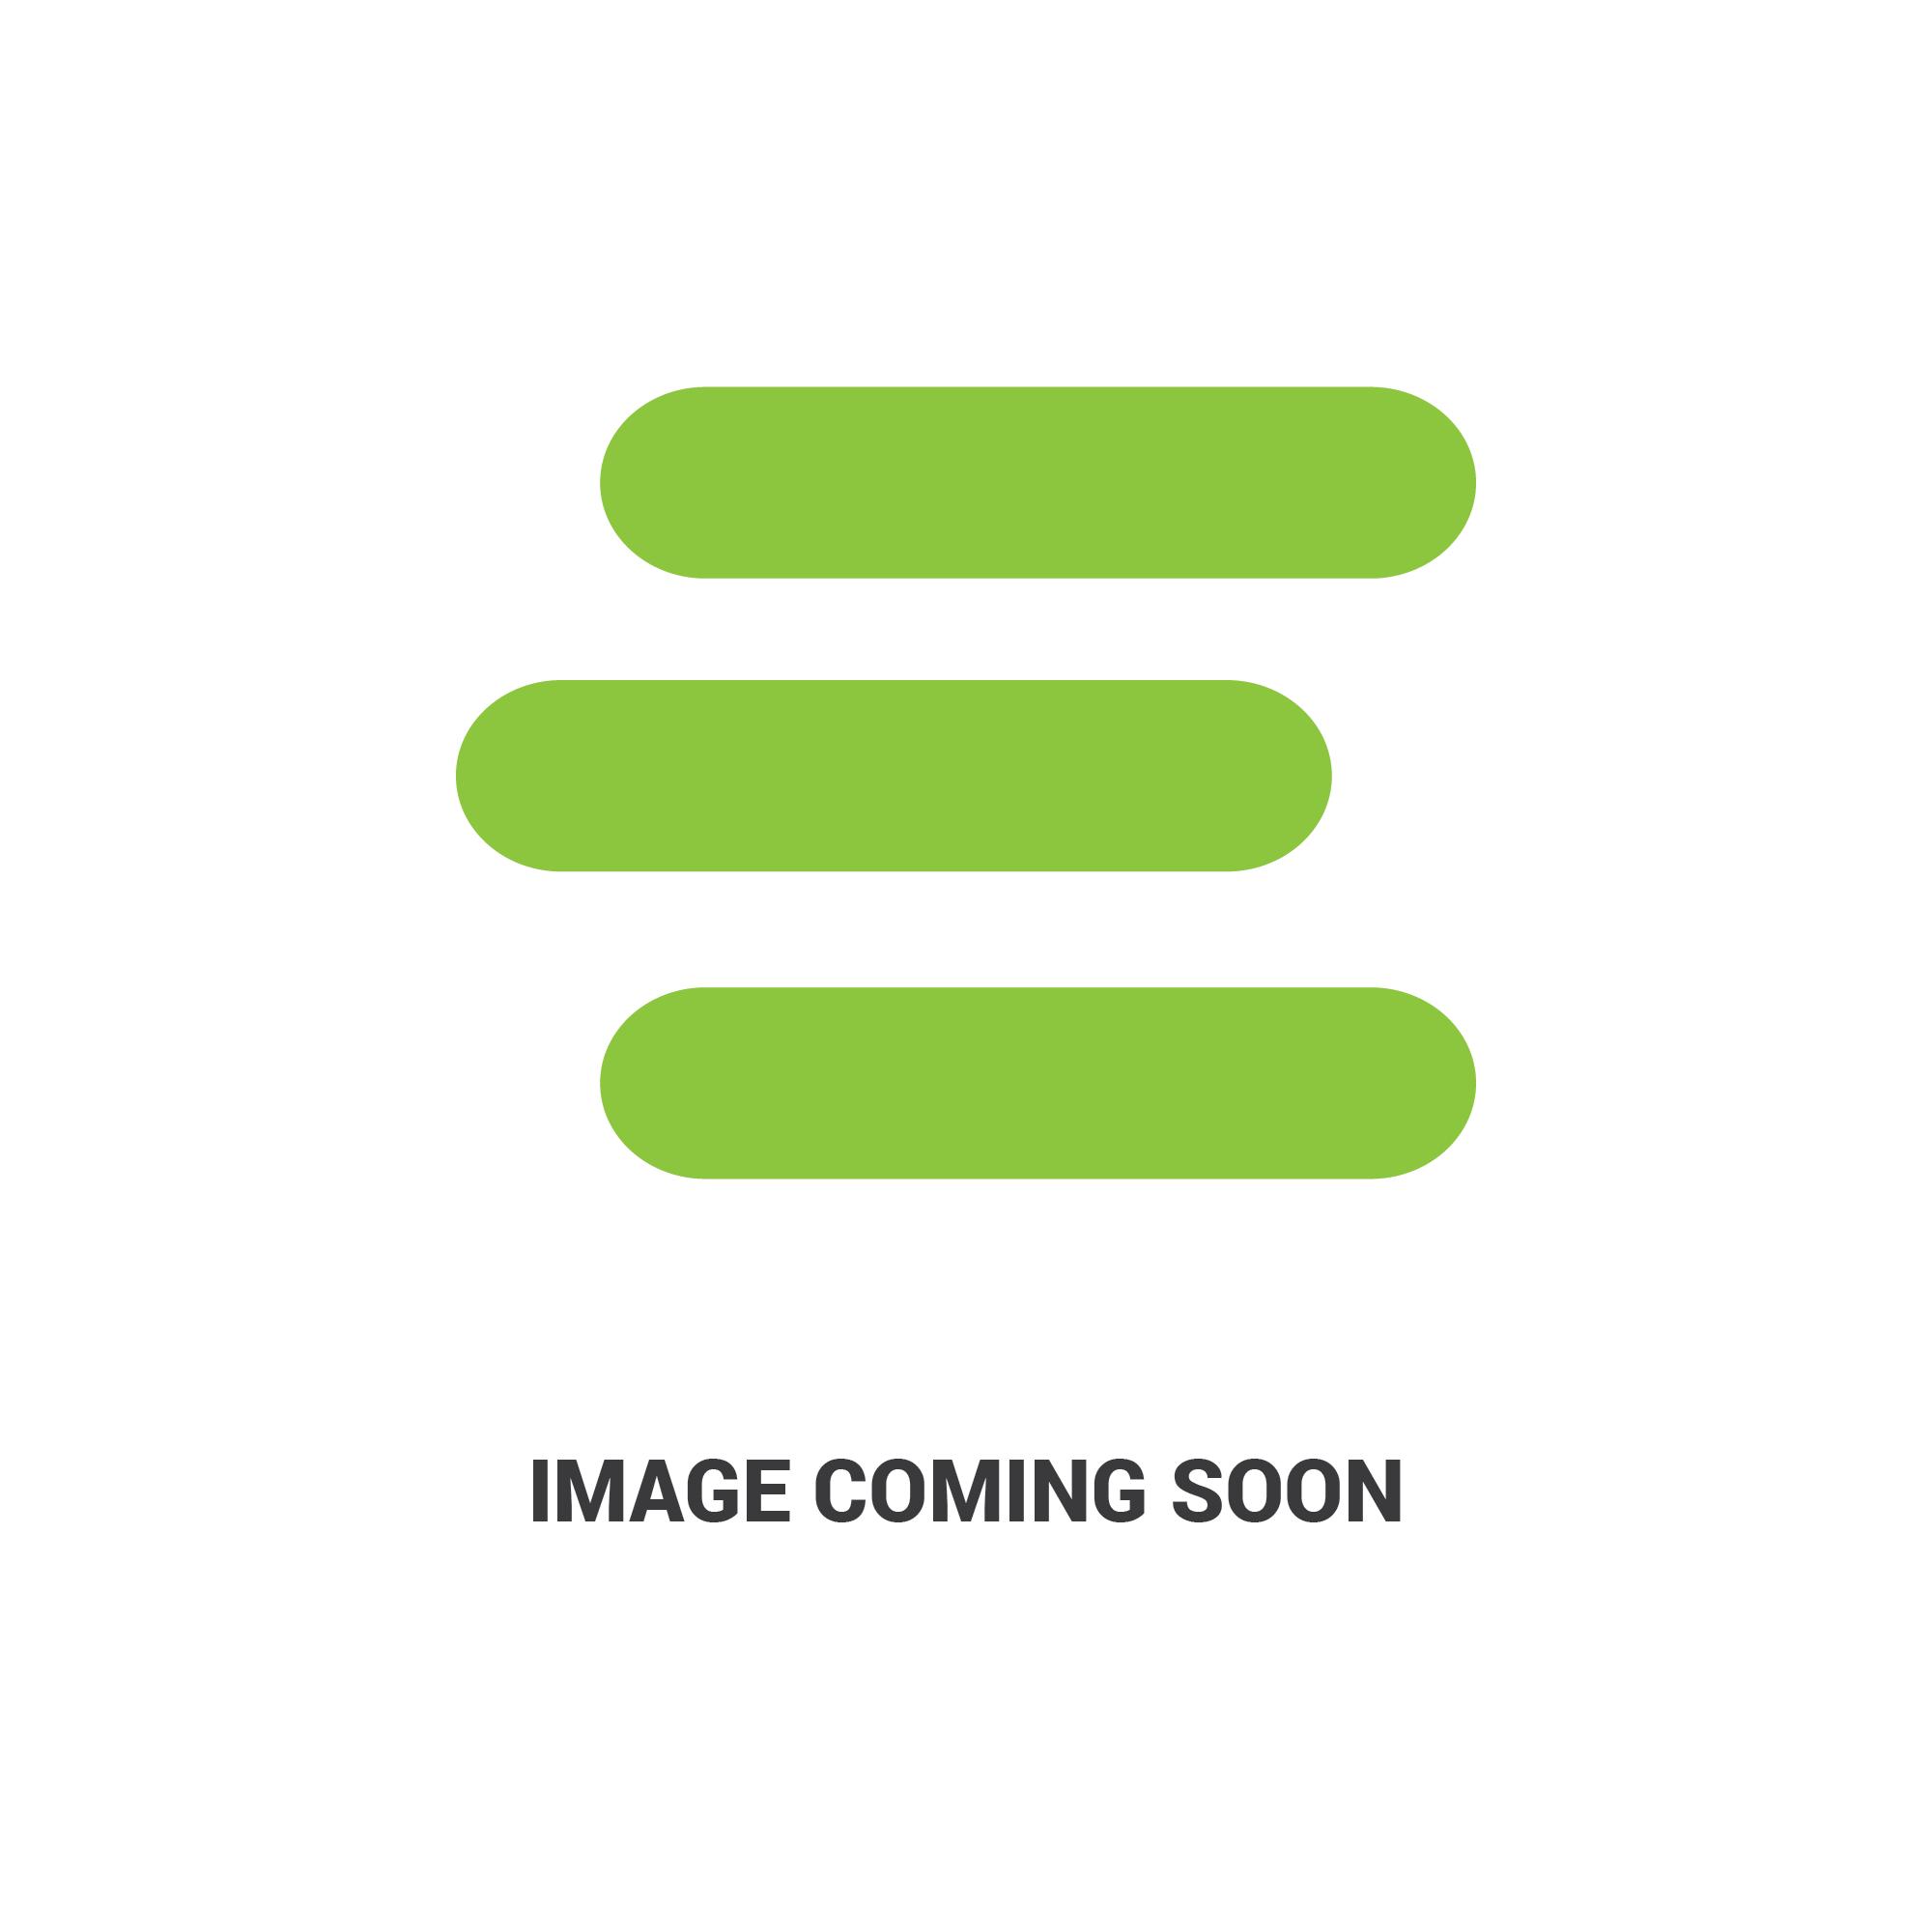 E-RE20223522_1.jpg